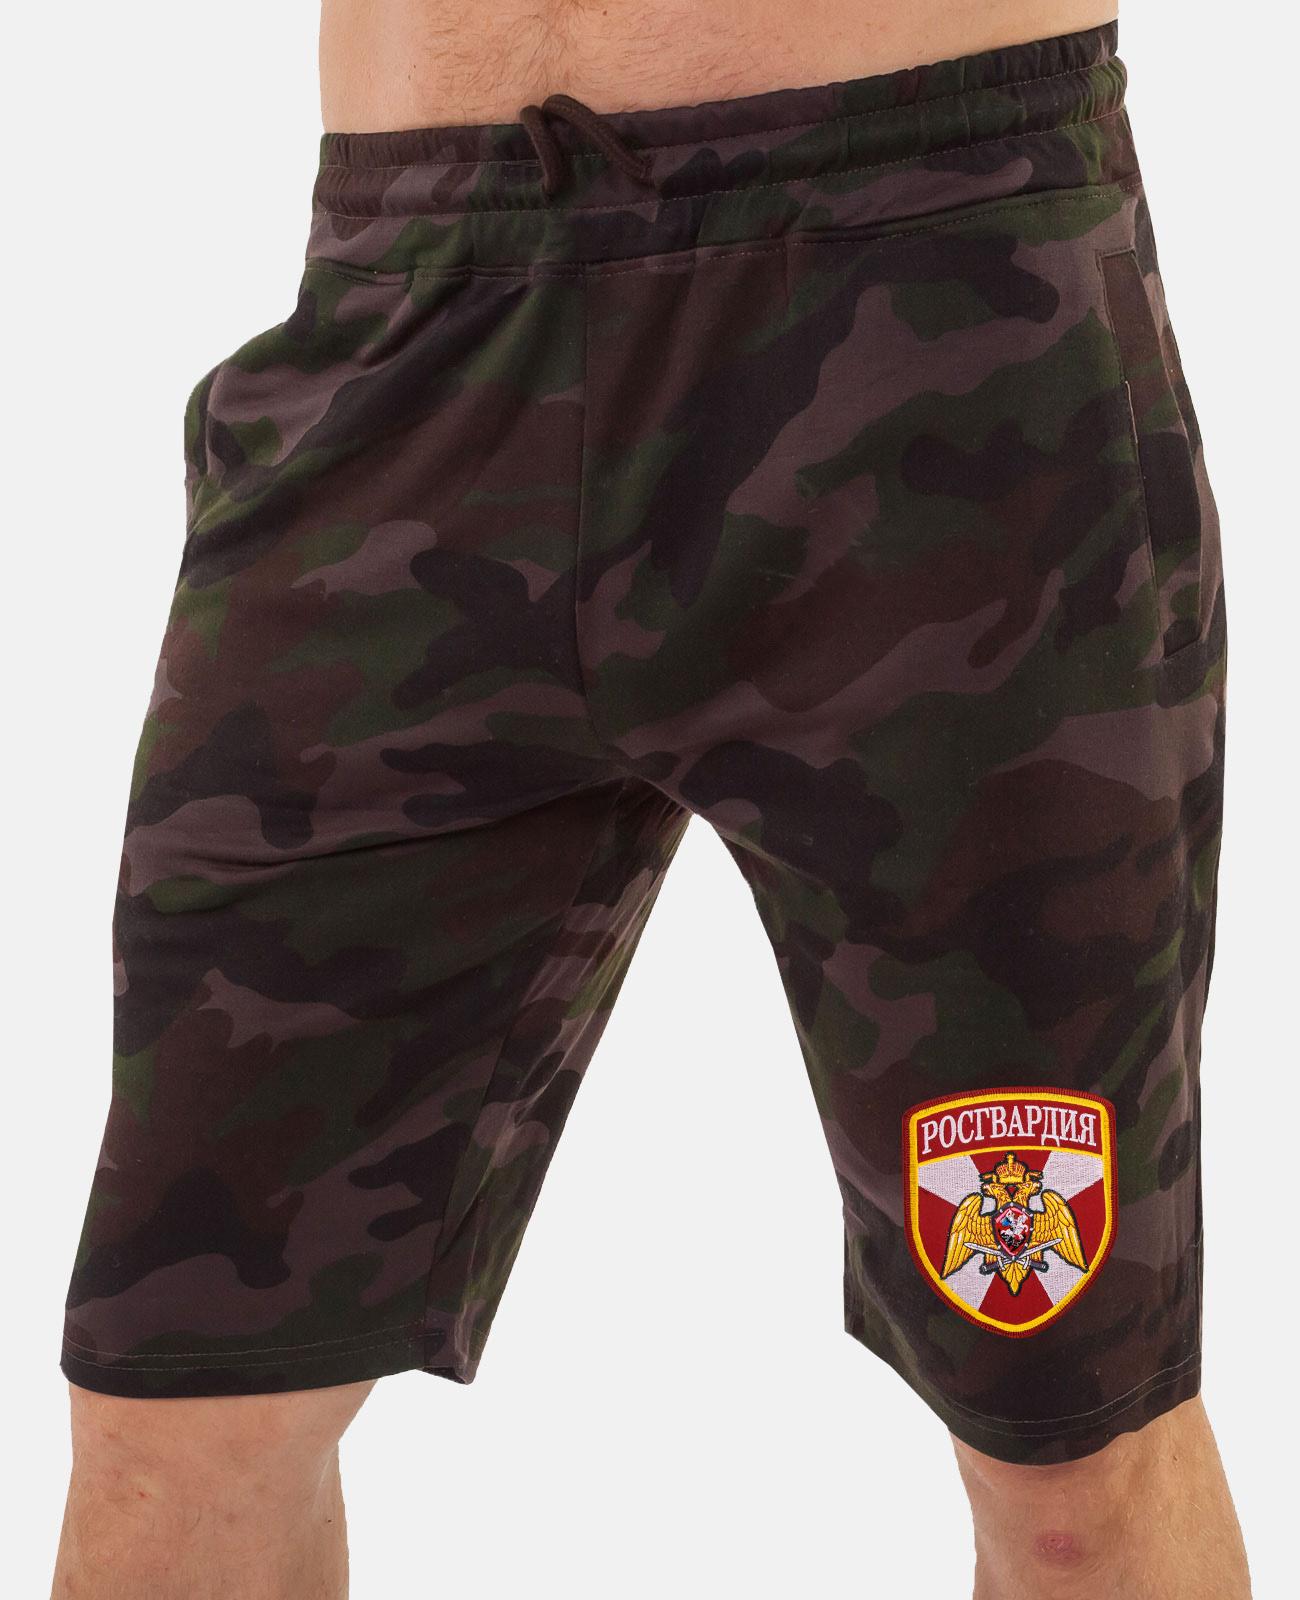 Купить камуфляжные военные шорты с нашивкой Росгвардия по экономичной цене